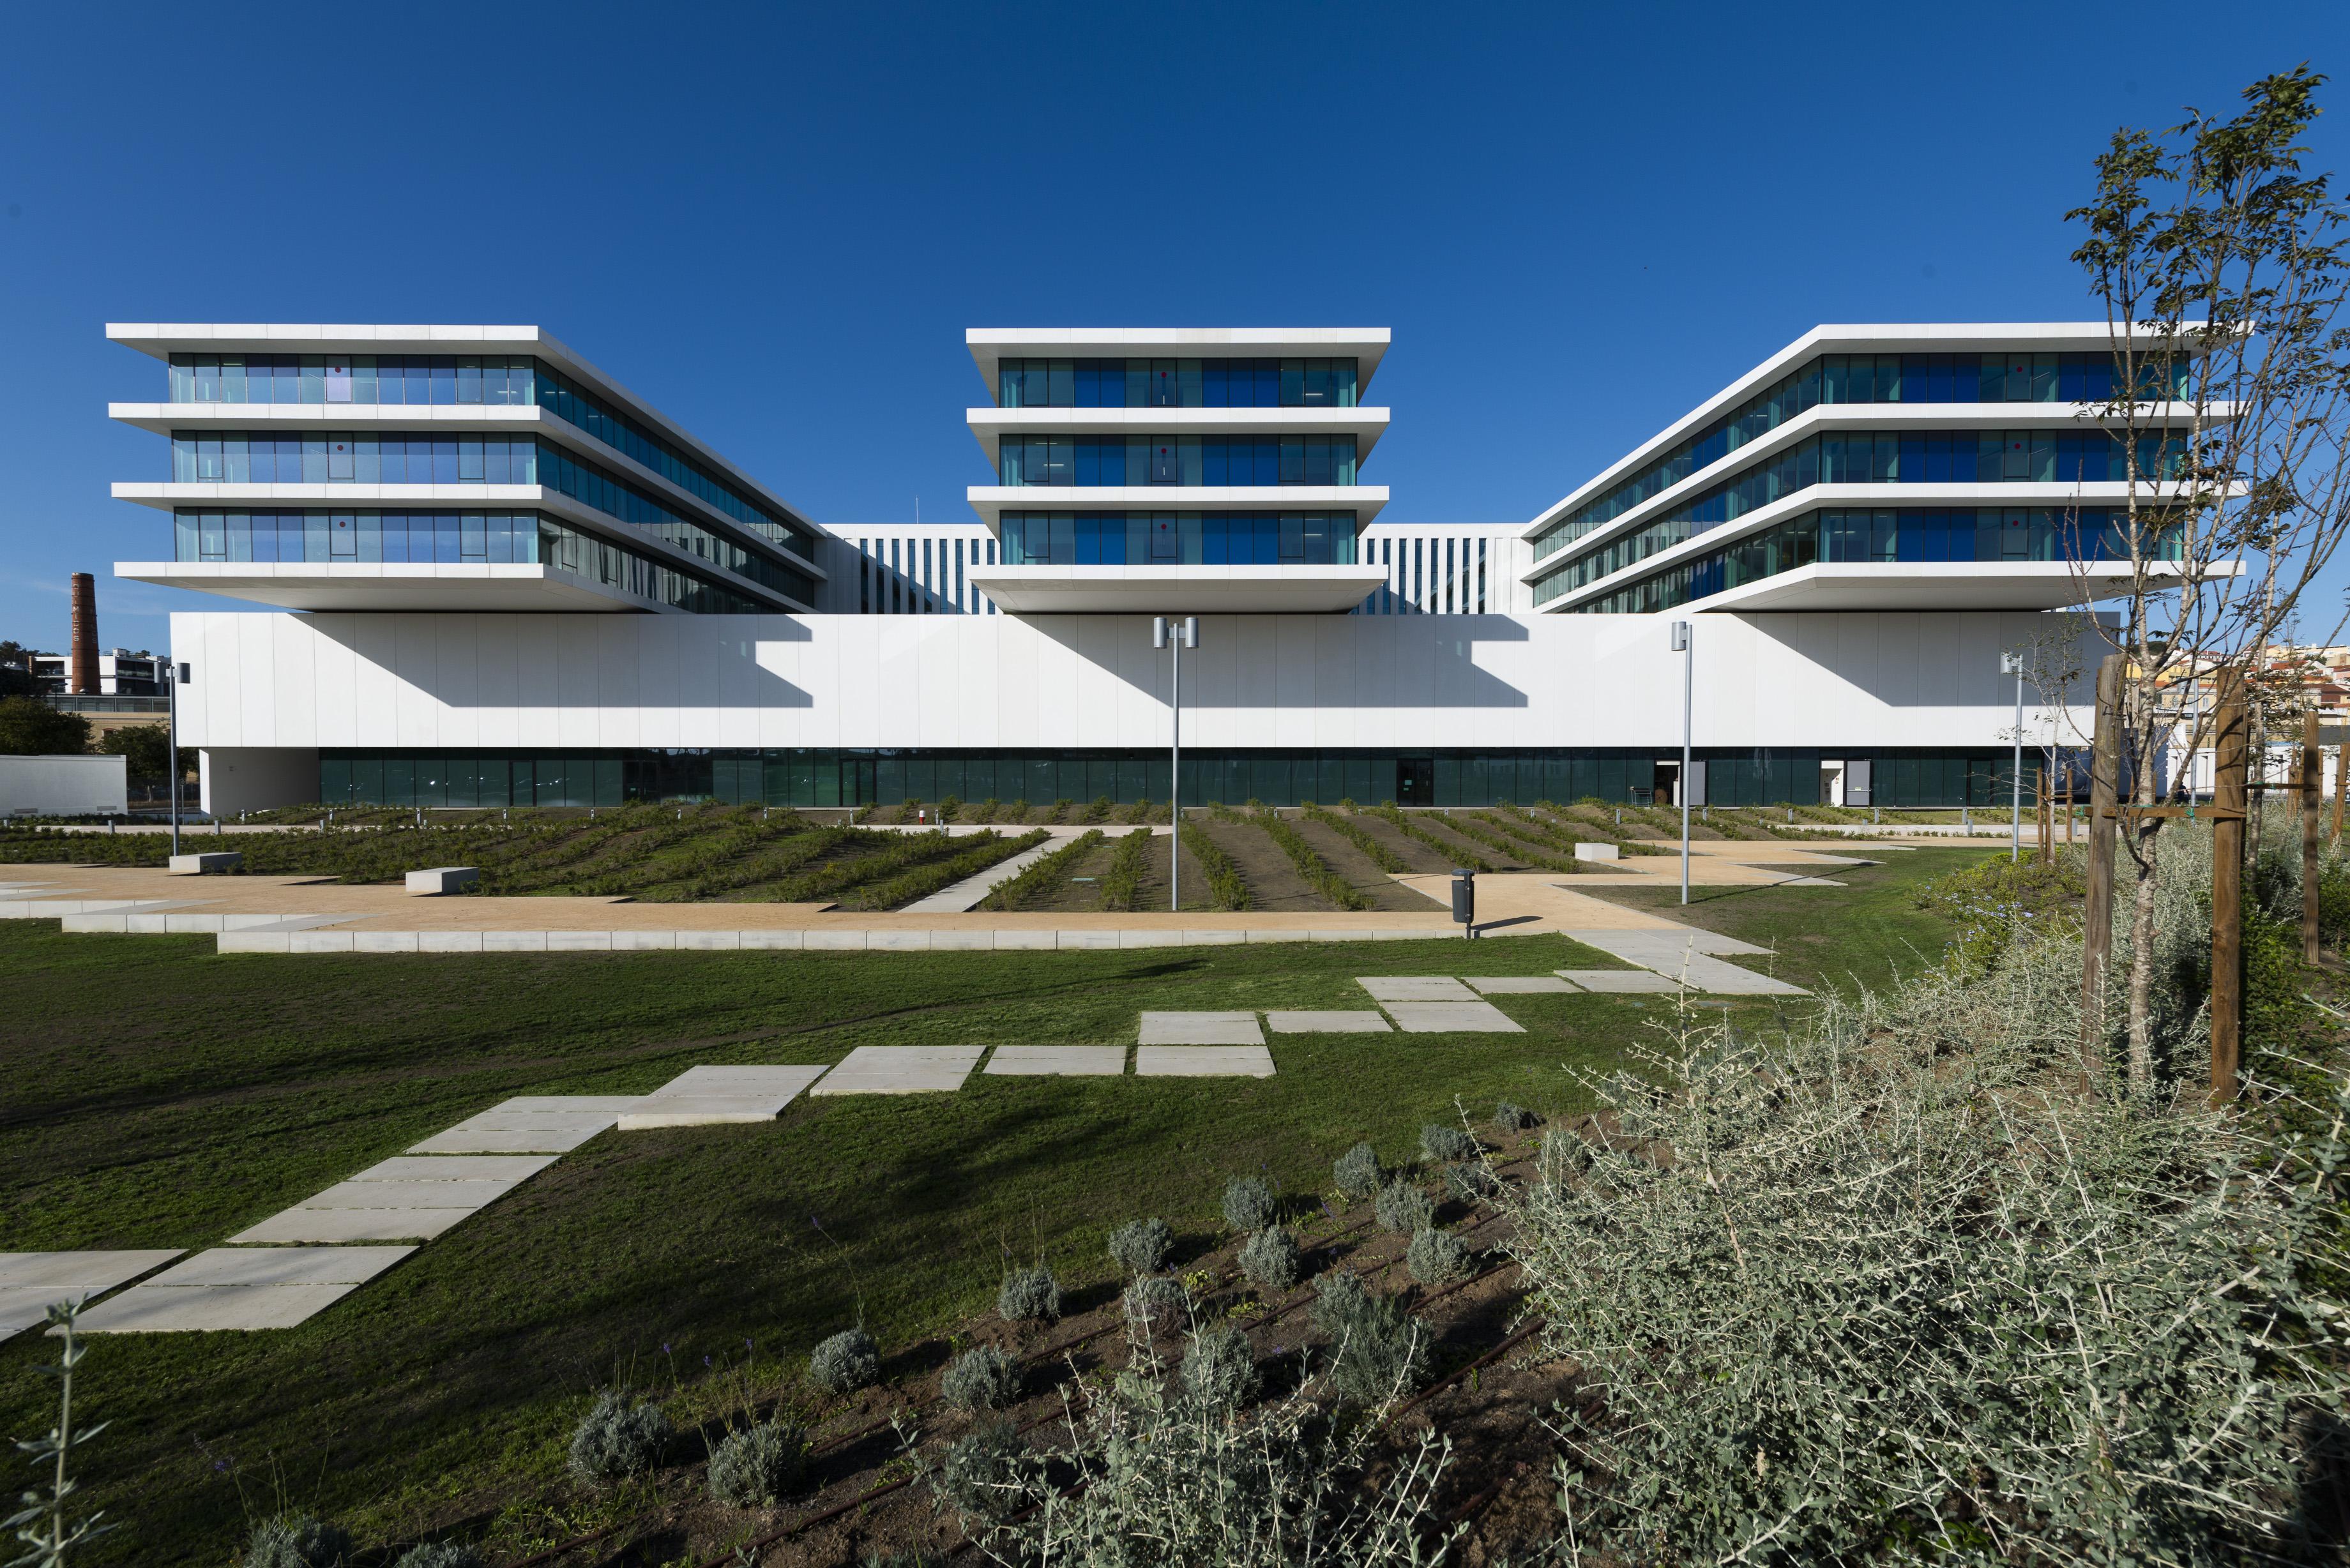 Gestão da obra do novo hospital CUF Tejo esteve a cargo da Engexpor / Engexpor